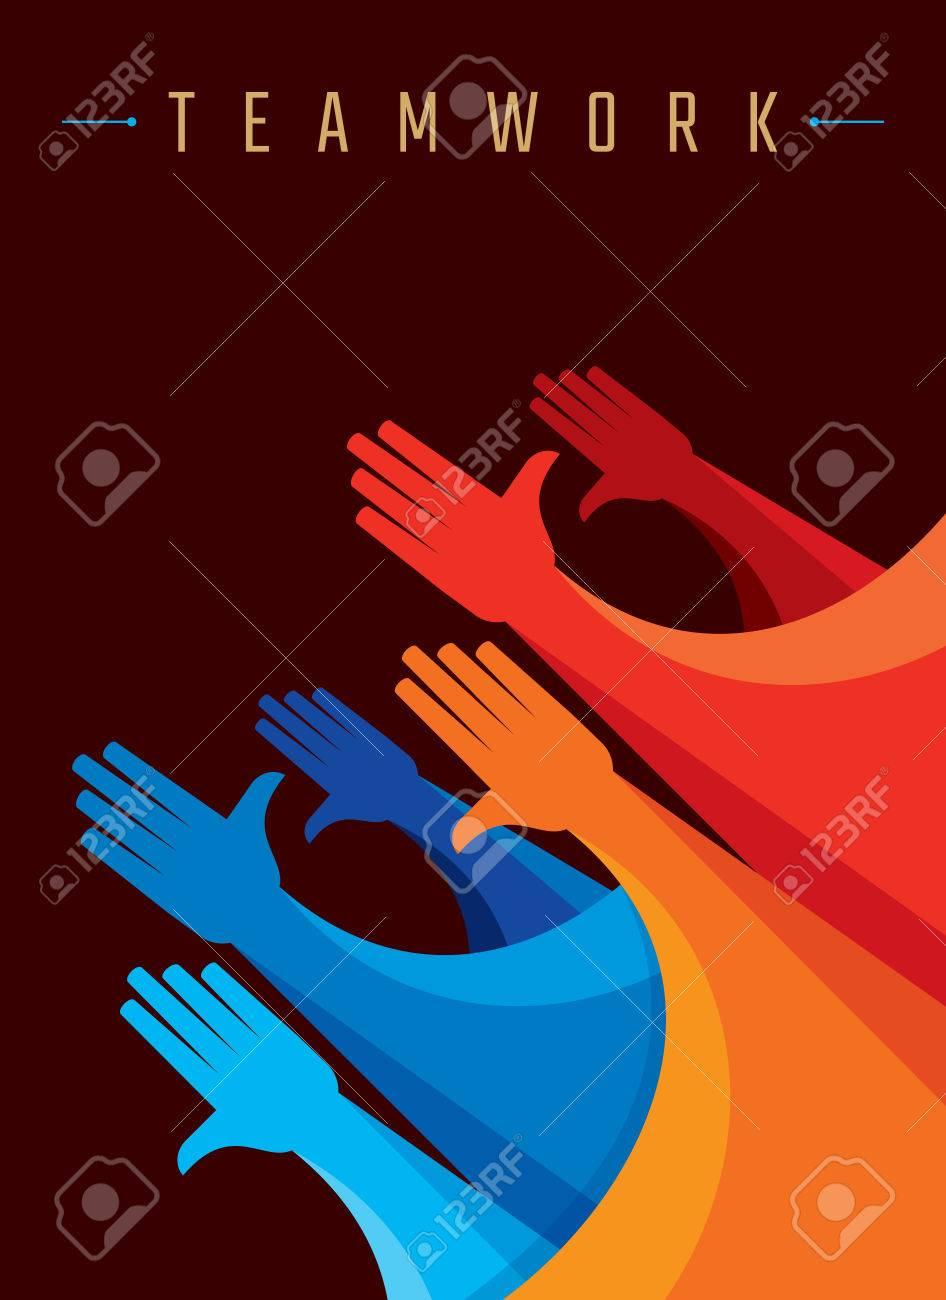 Teamwork People, Holding hands. Design for teamwork concept illustration - 62247645